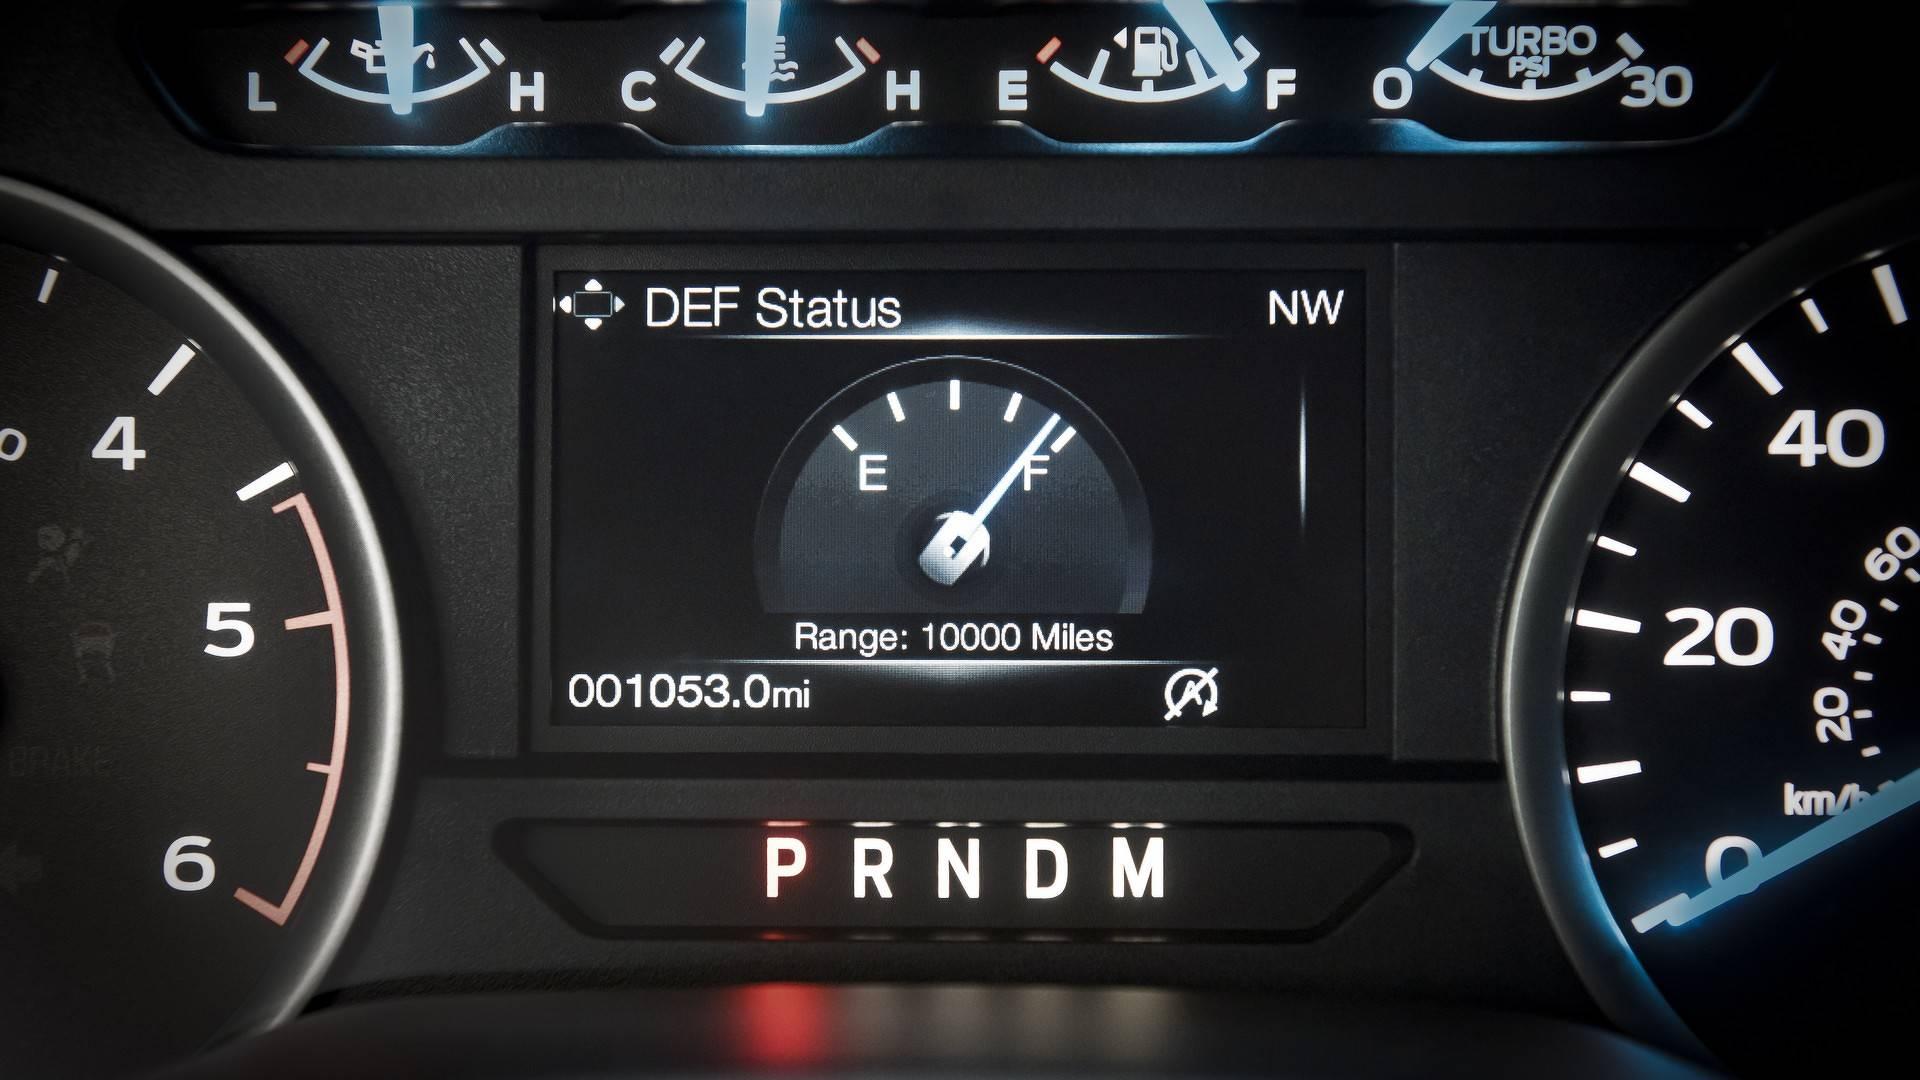 فورد F-150 - اجاره ماشین - اجاره خودرو - کرایه ماشین